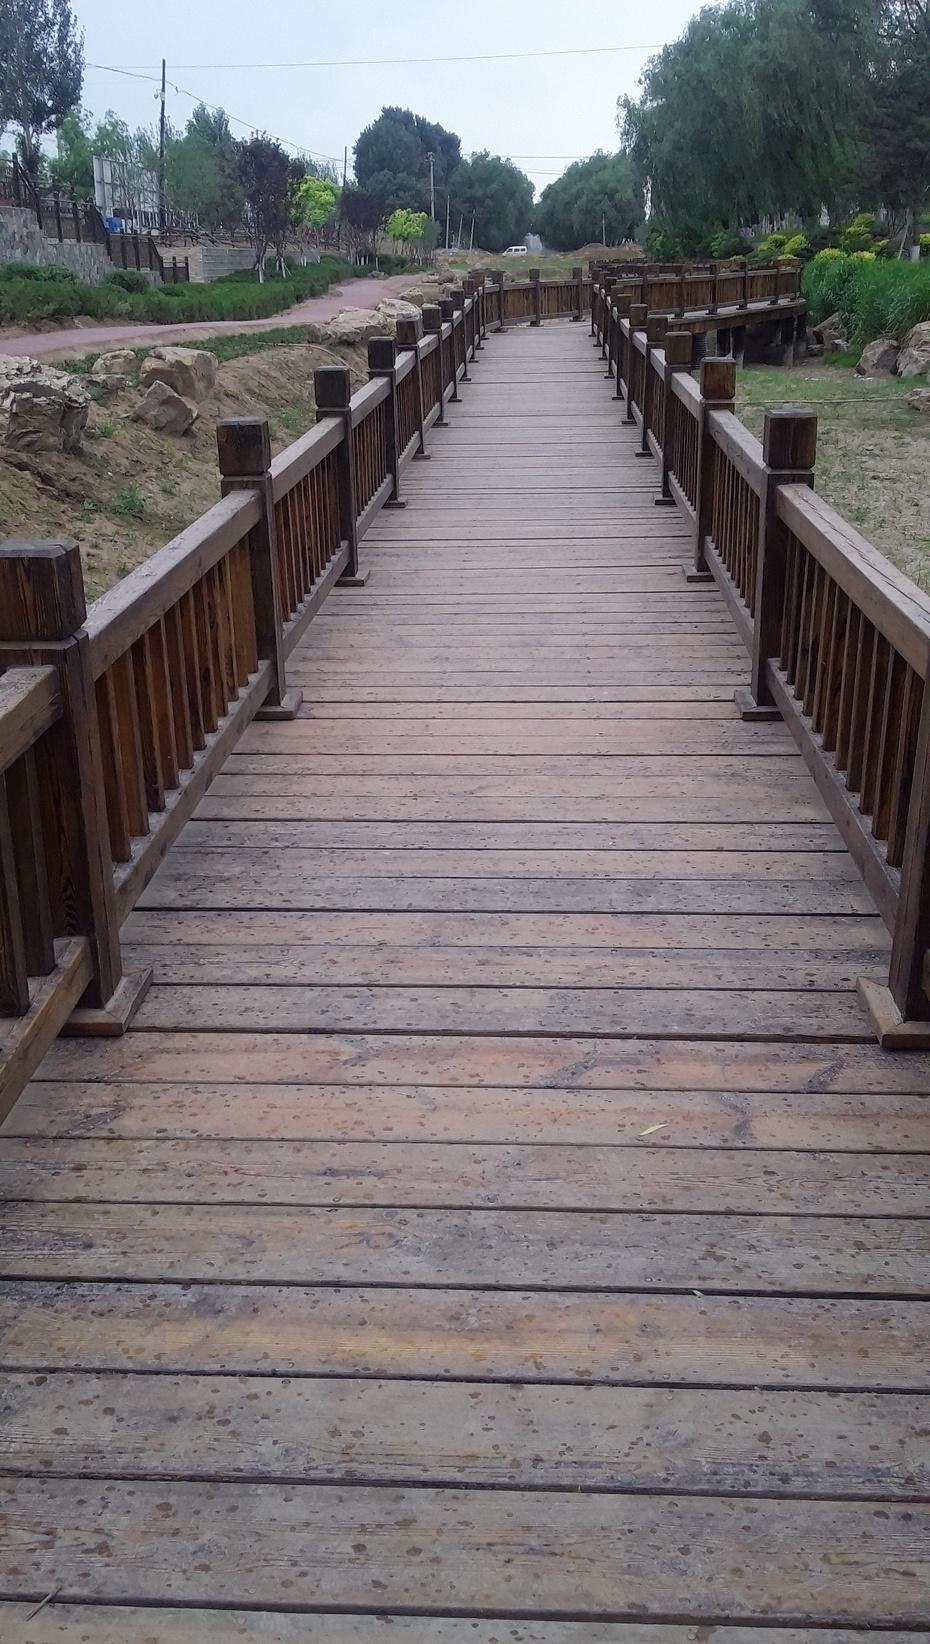 骑行篇:建设中的环城河公园 - 淡淡云 - 淡淡云